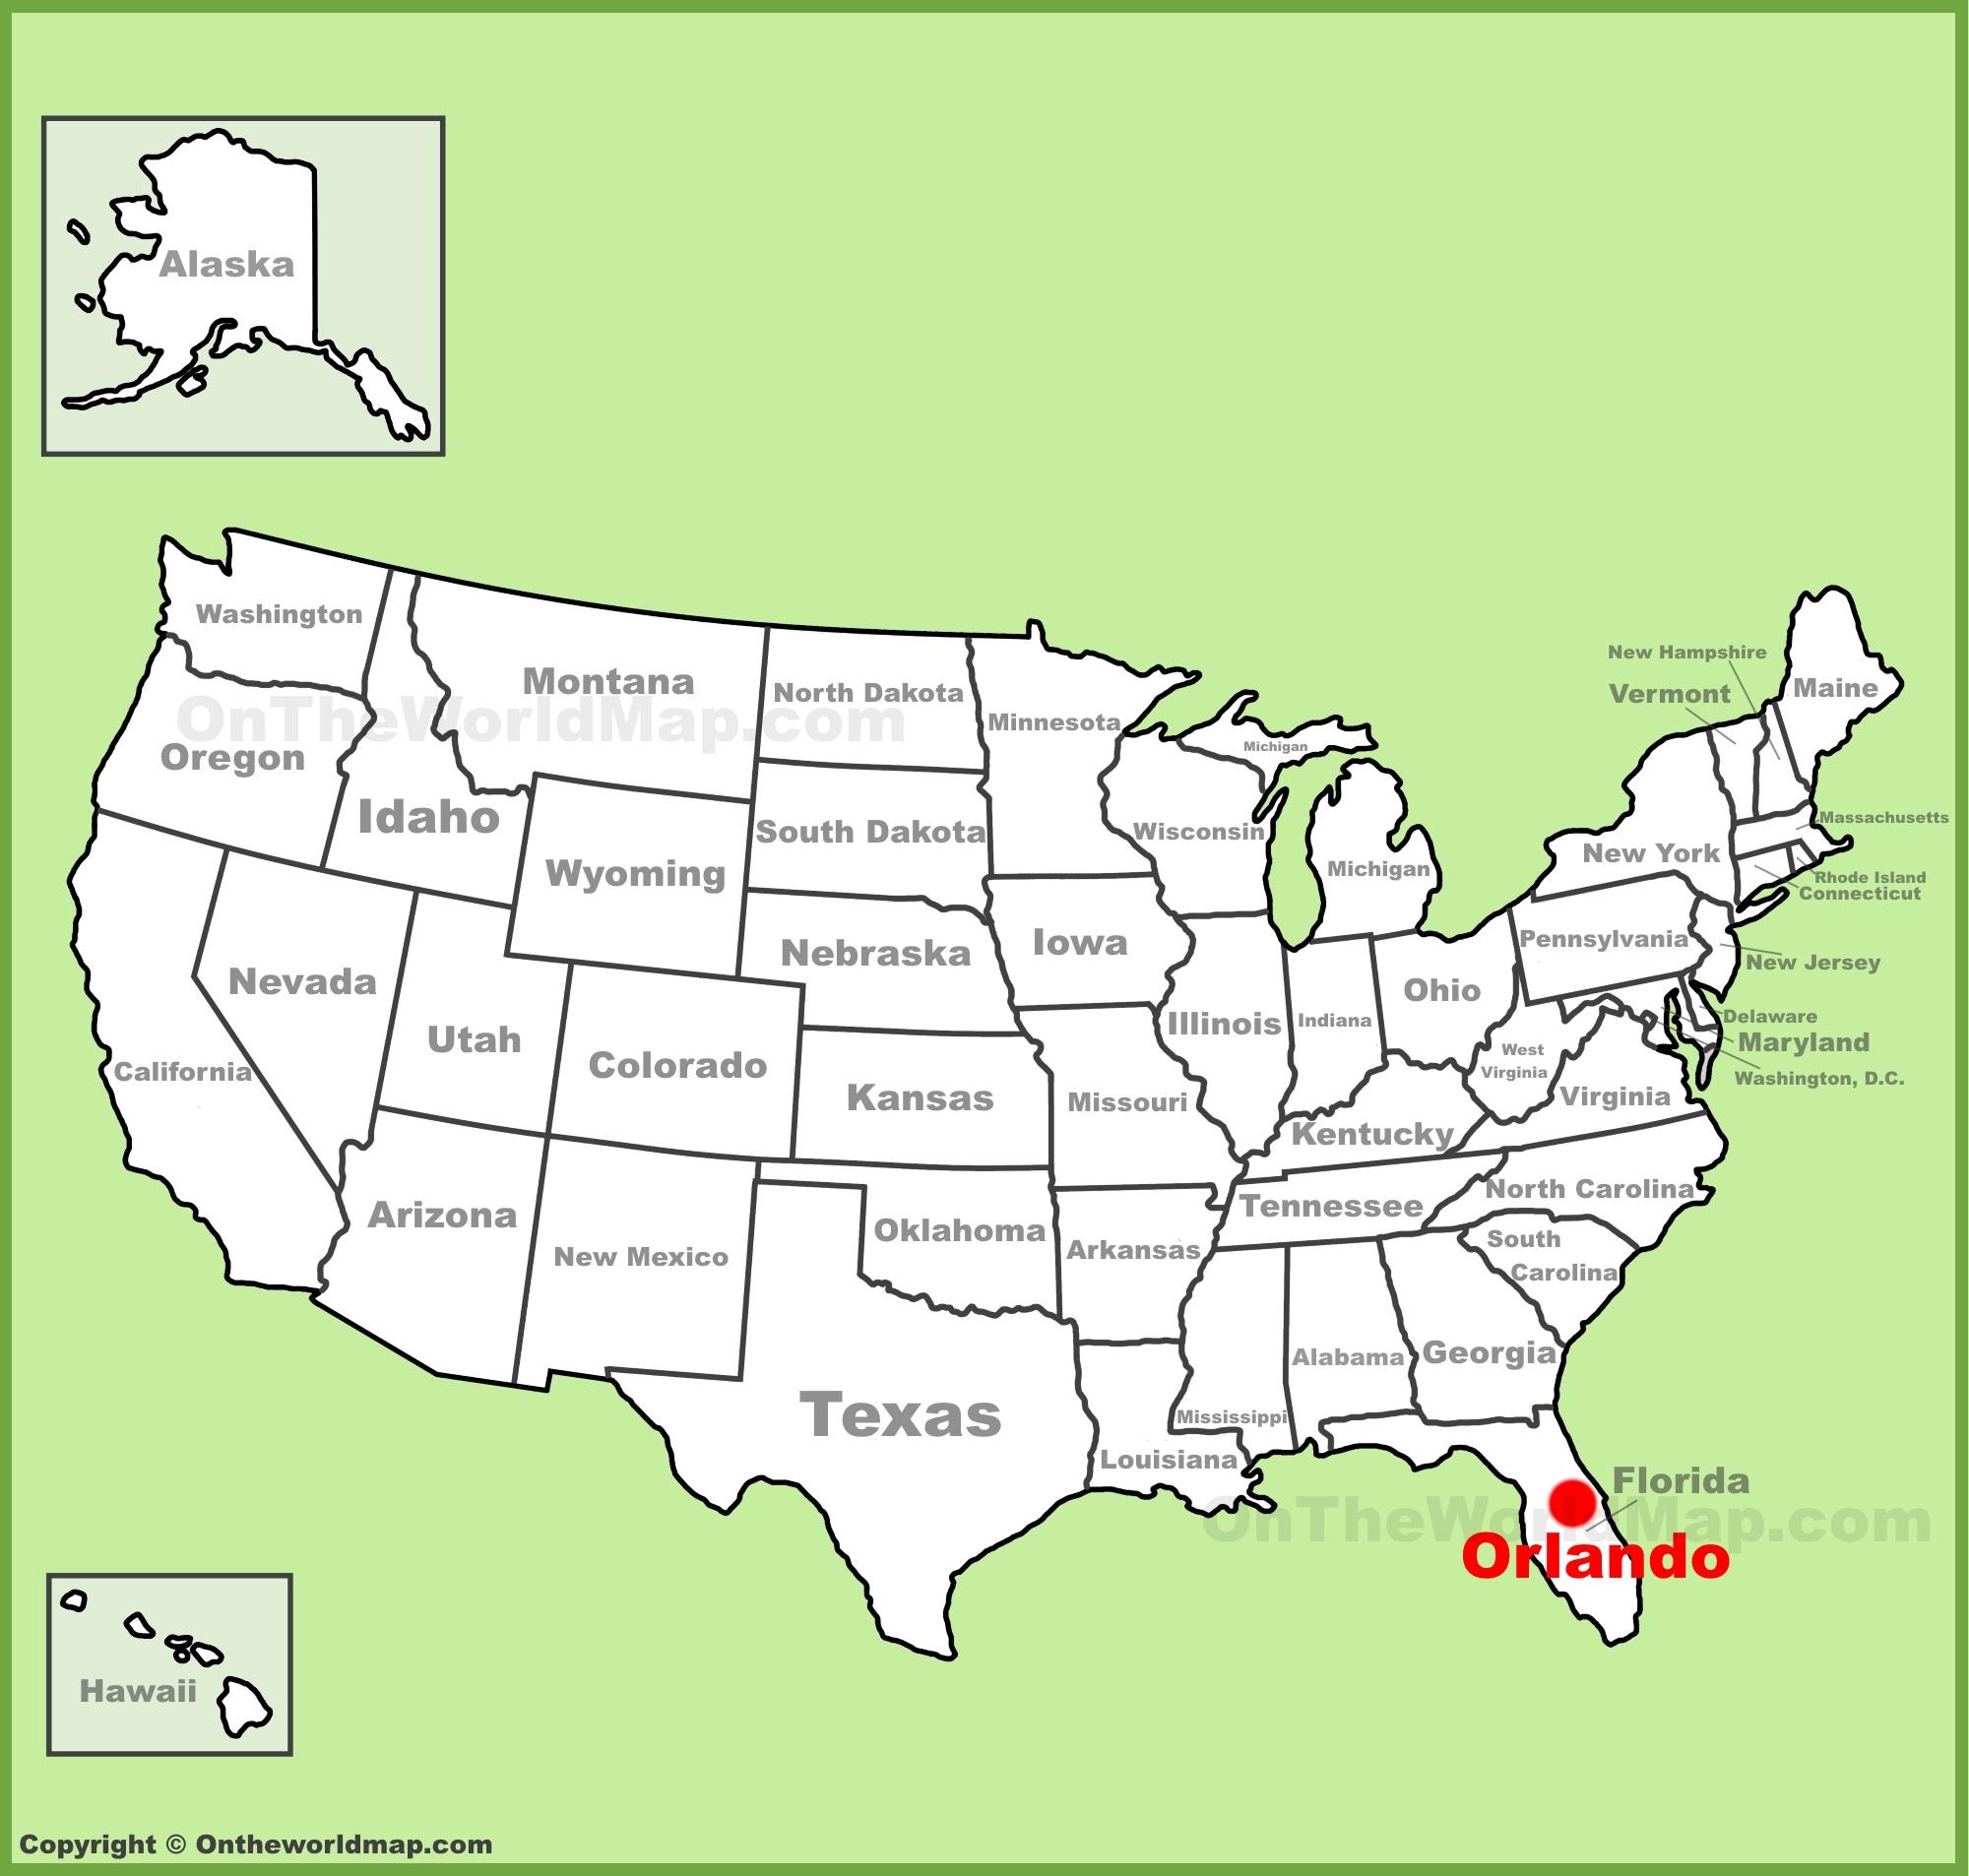 Orlando Maps | Florida, U.s. | Maps Of Orlando - Tourist Map Of Orlando Florida